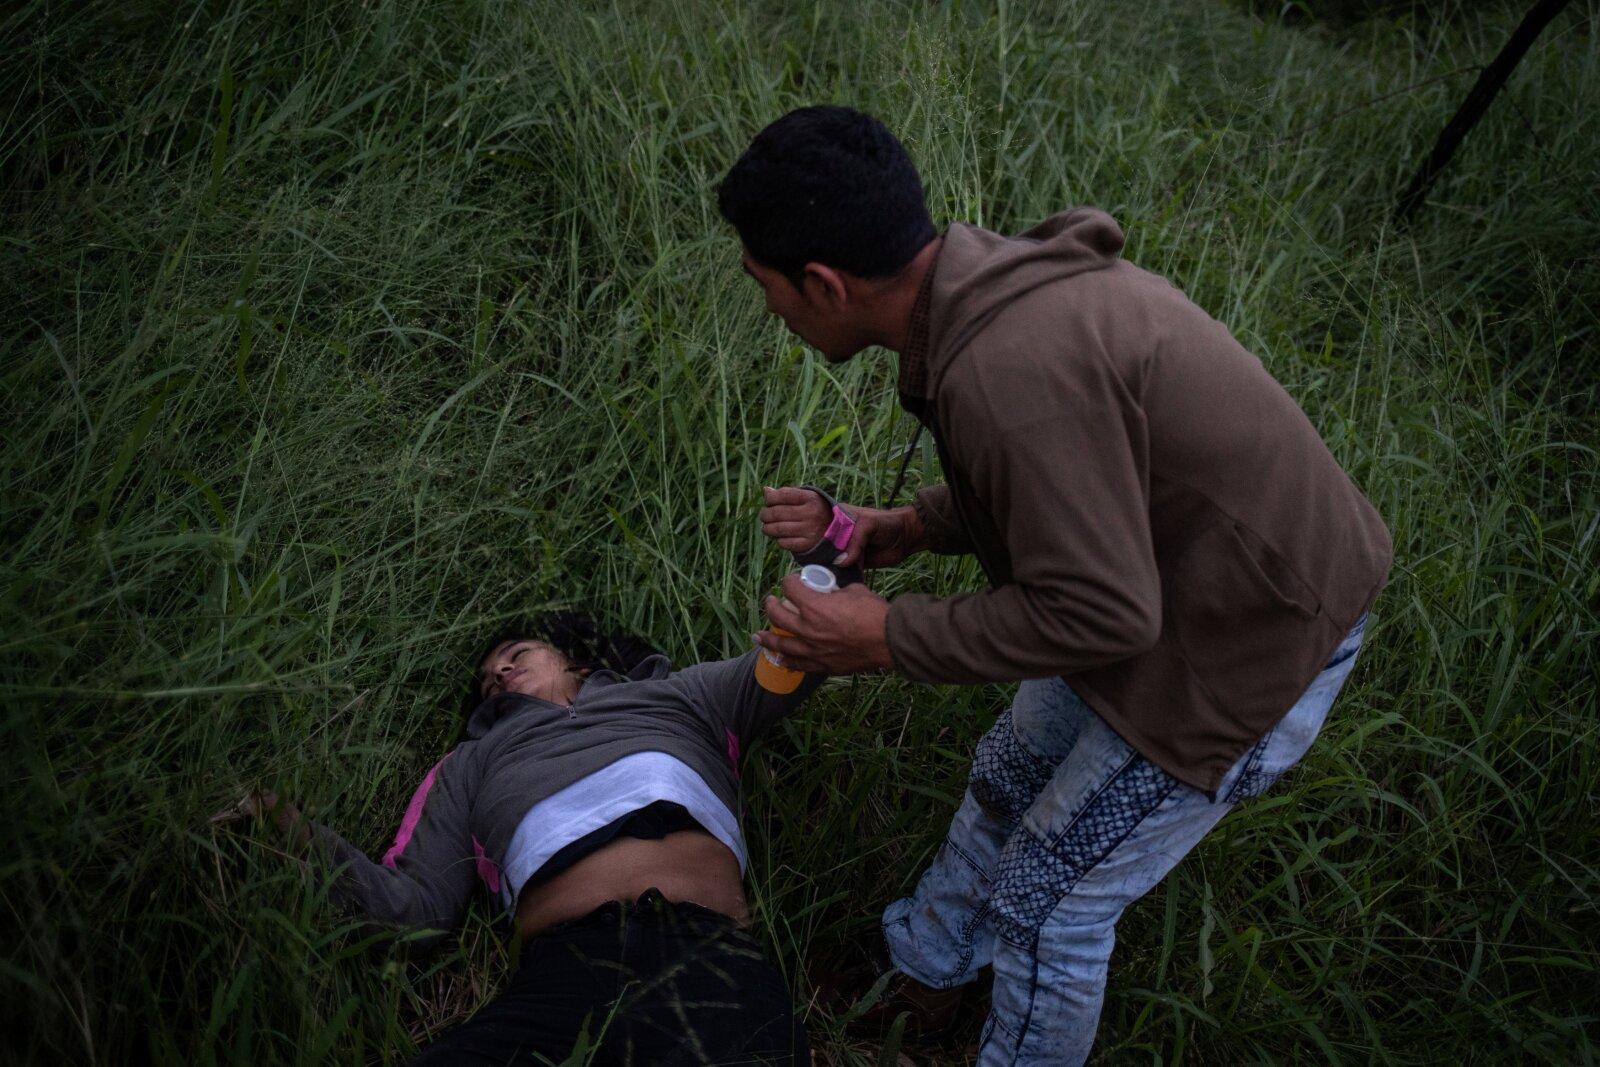 El camino no ha sido sencillo para los migrantes que huyen de la violencia en su país.